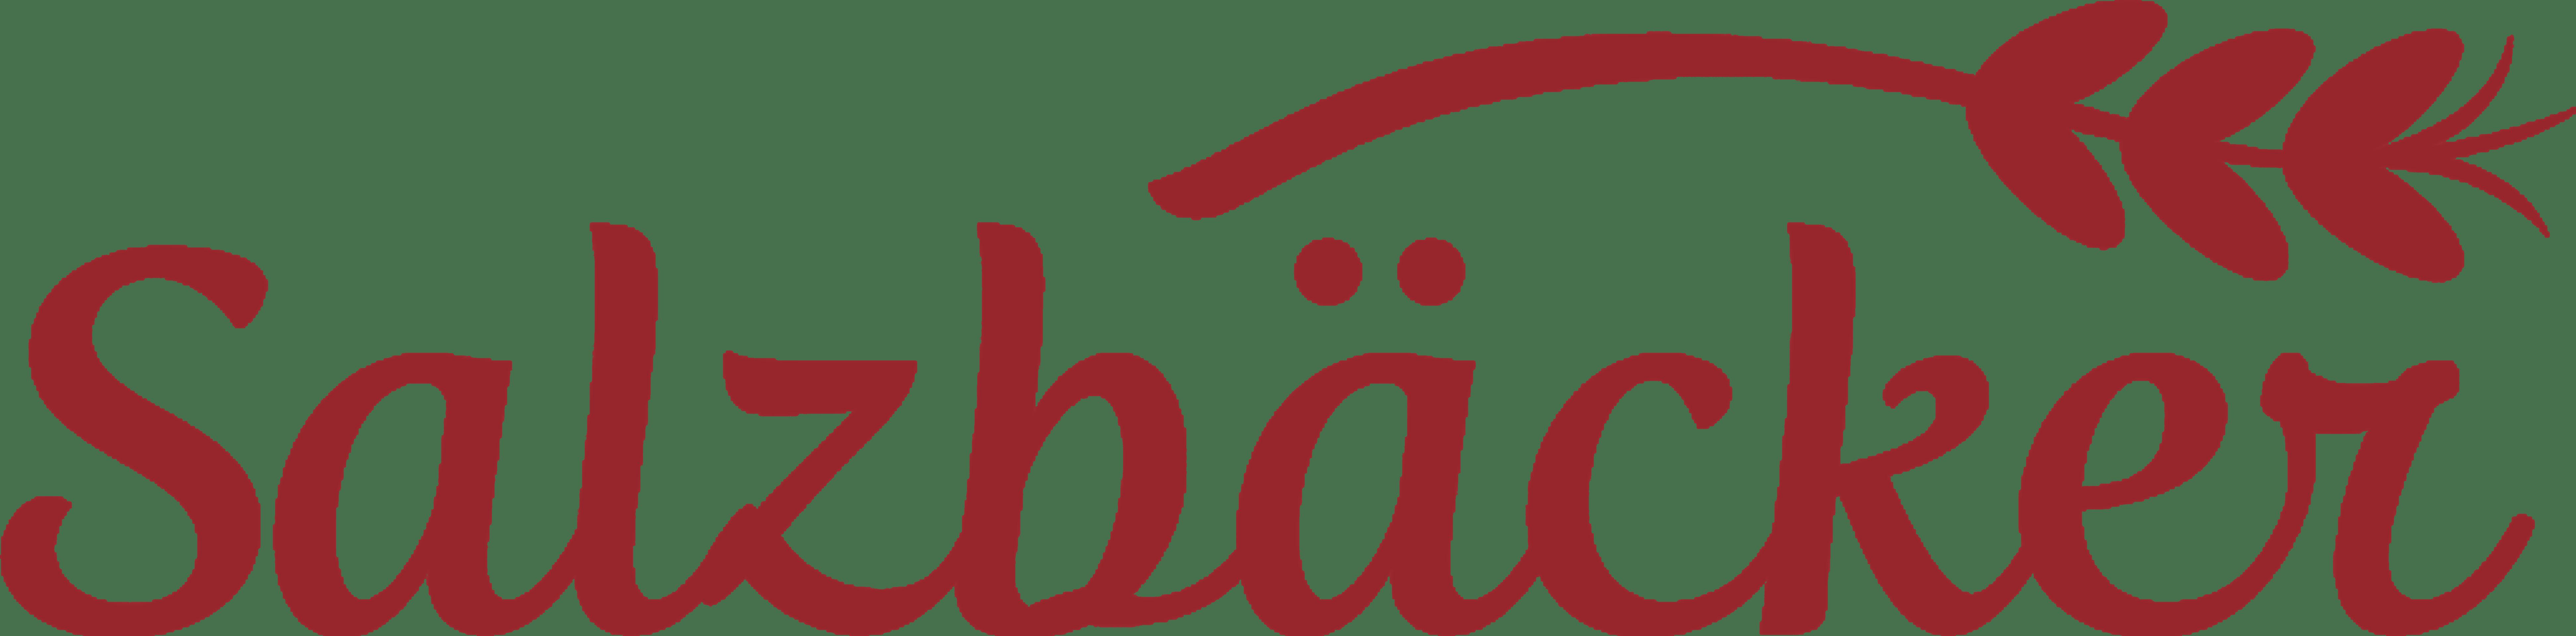 logo Salzbäcker GmbH